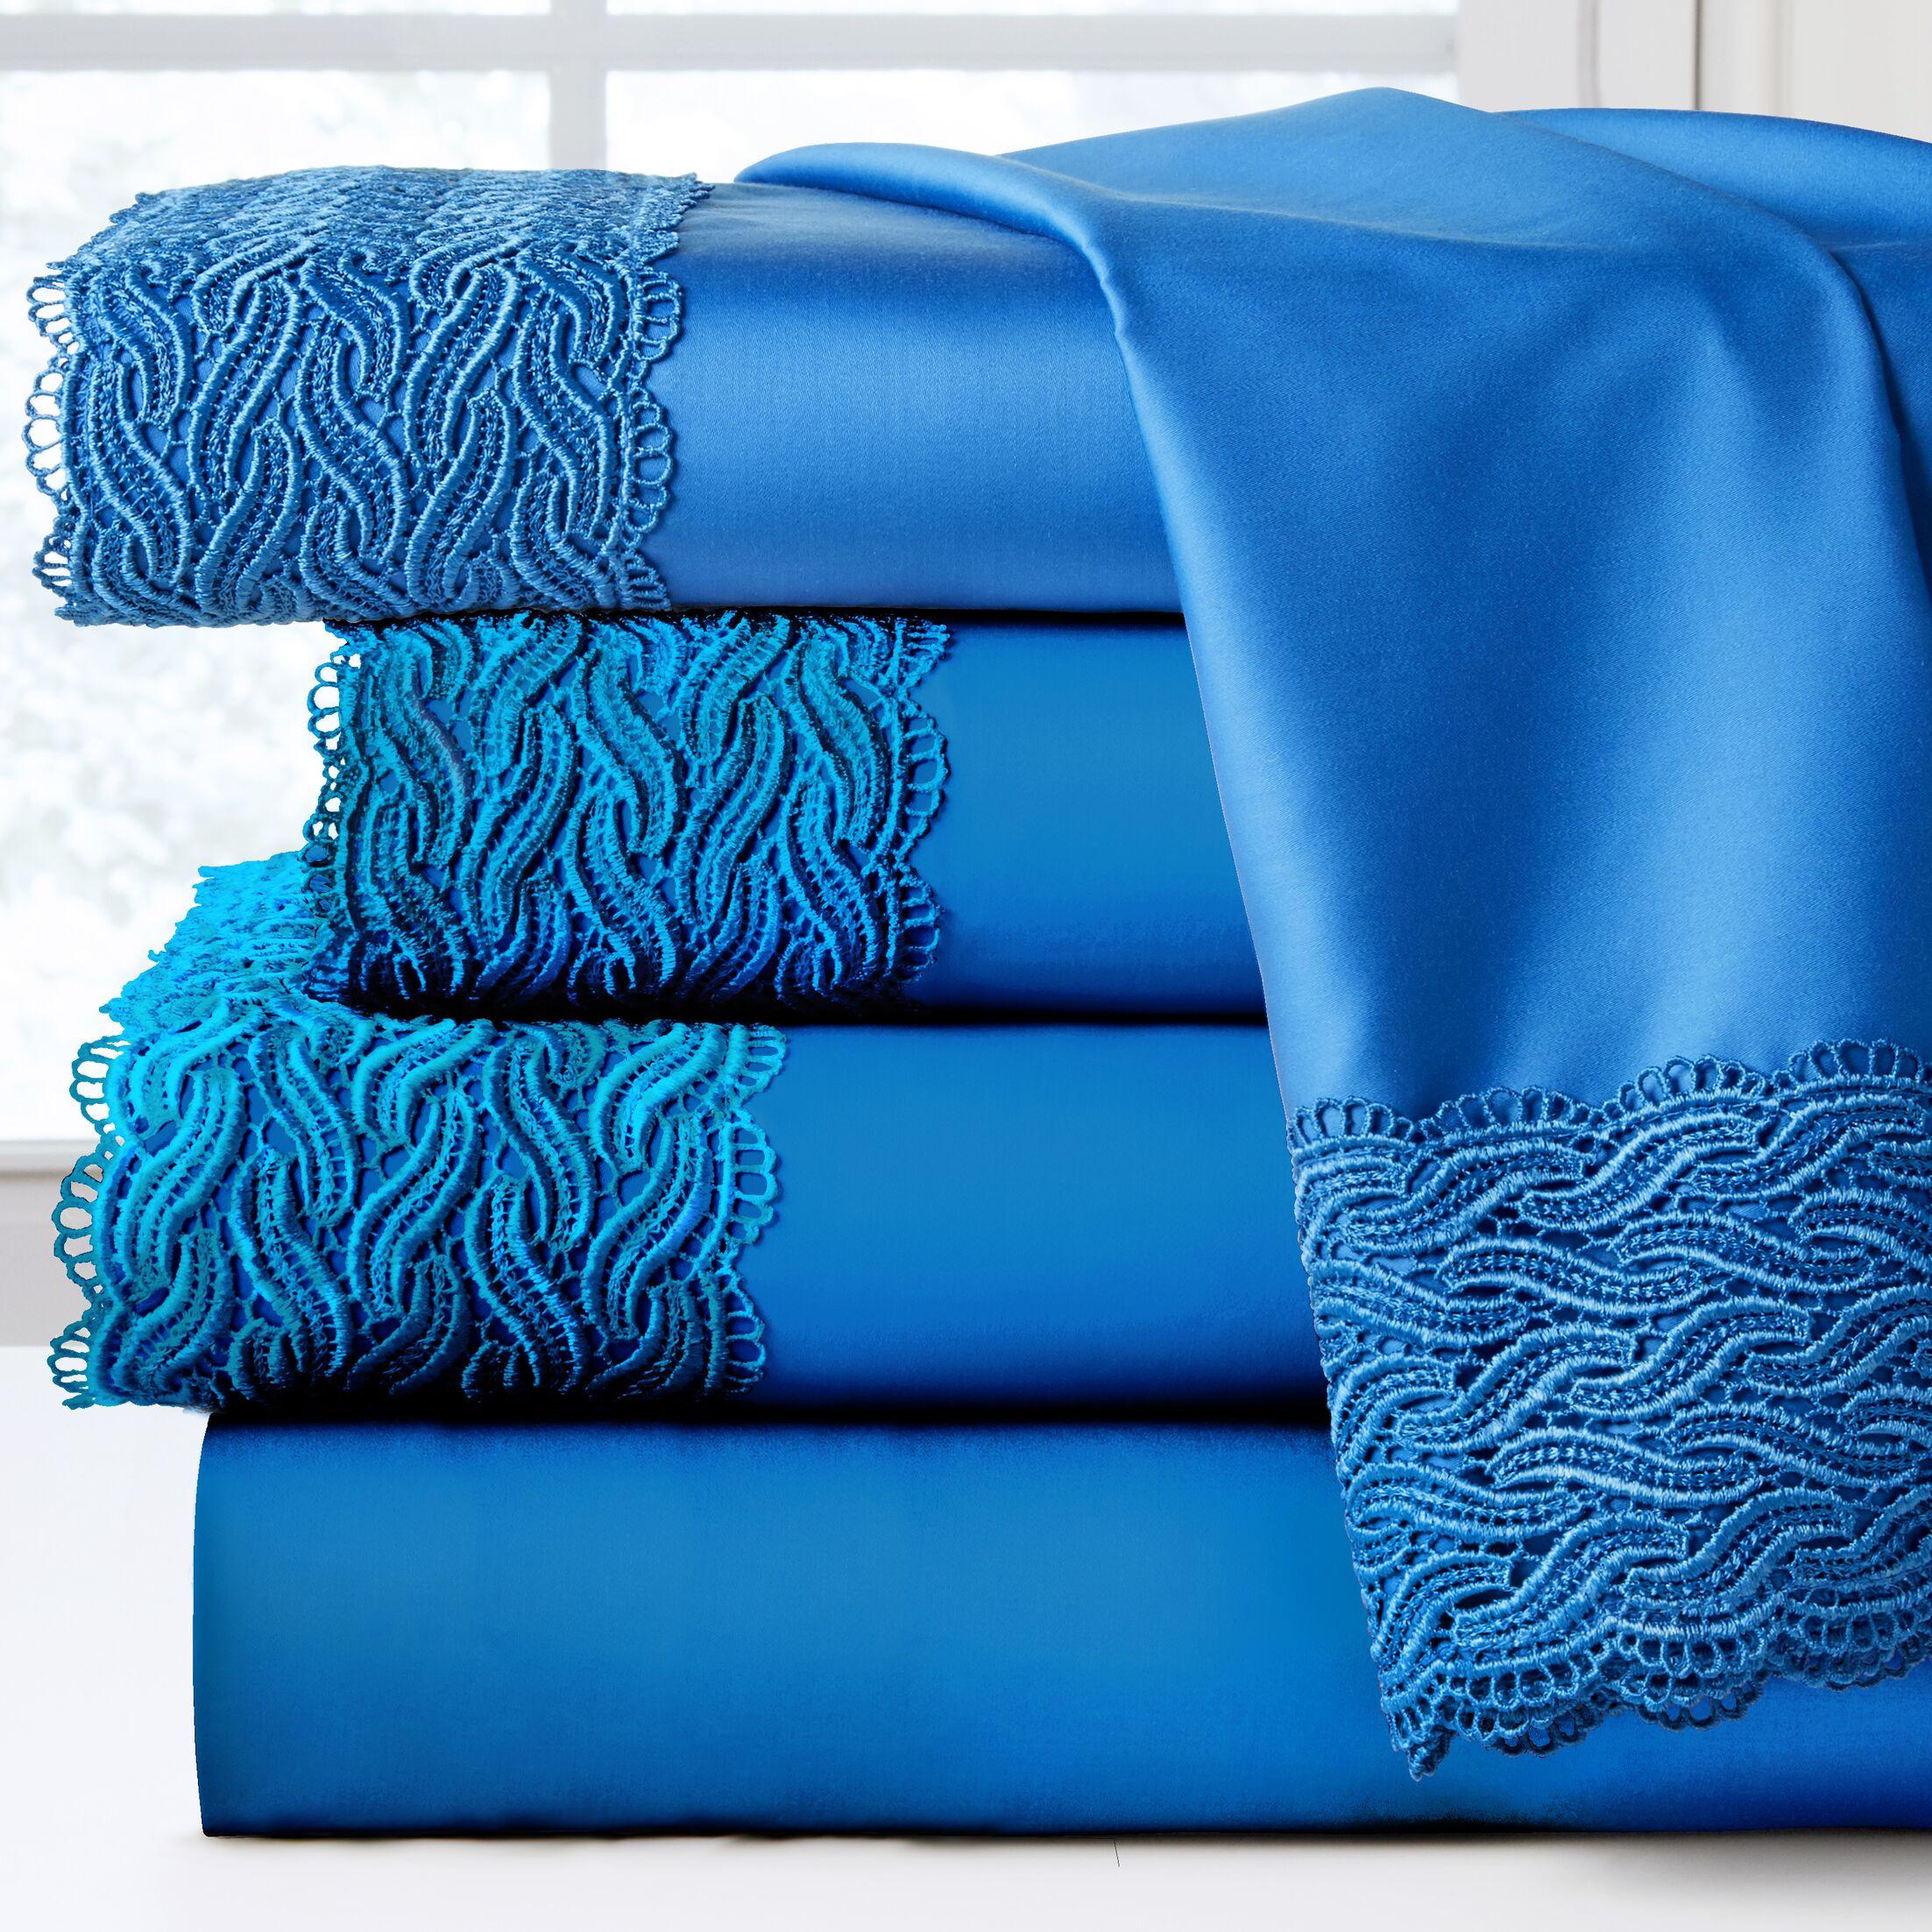 300 Thread Count 100% Cotton Sheet Set Color: Brilliant Blue, Size: Queen